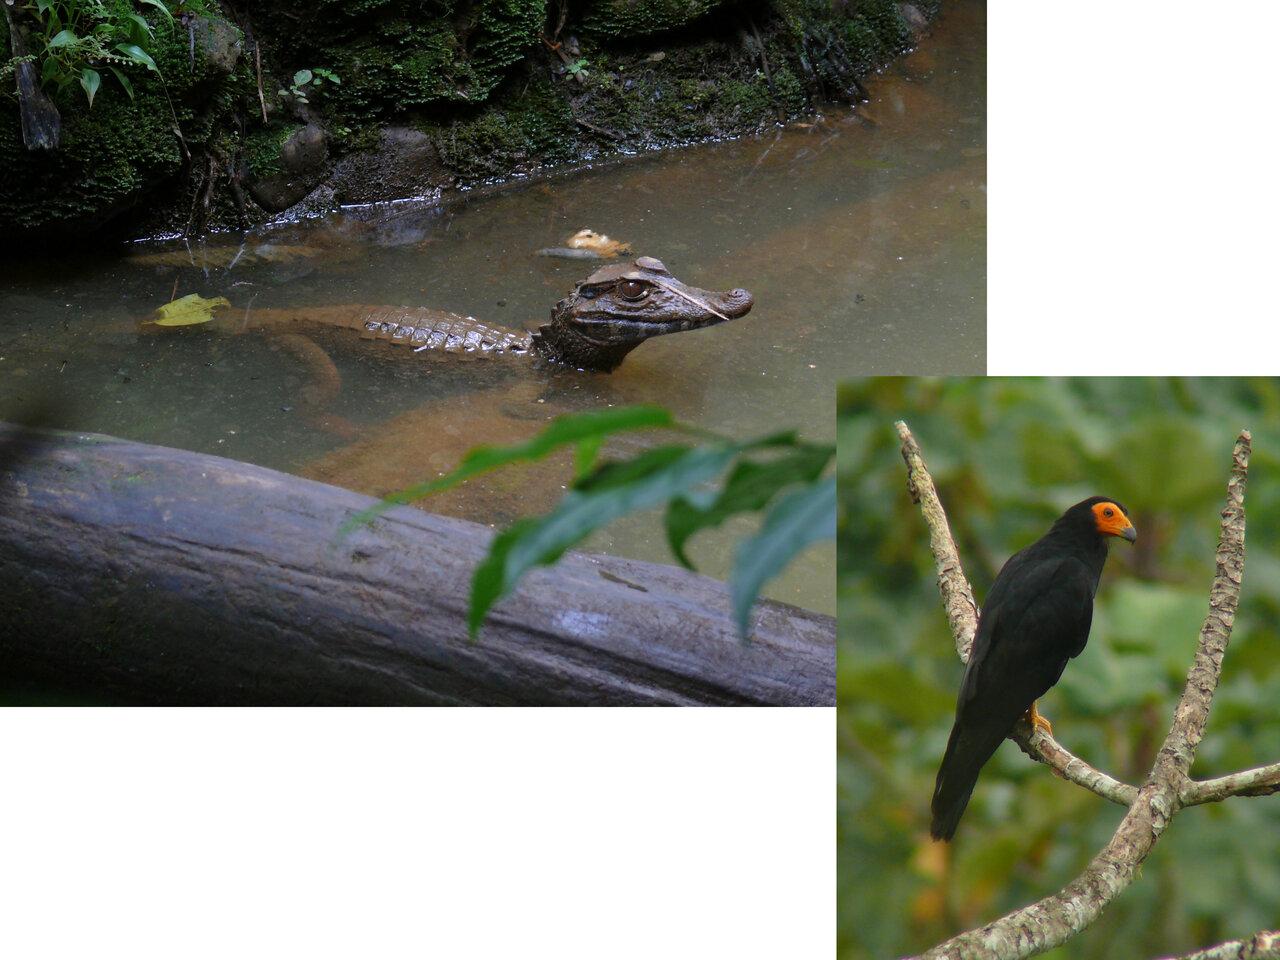 エクアドルで見つけたさまざまな生きもの<br> (左:メガネカイマン、右:キノドカラカラ)